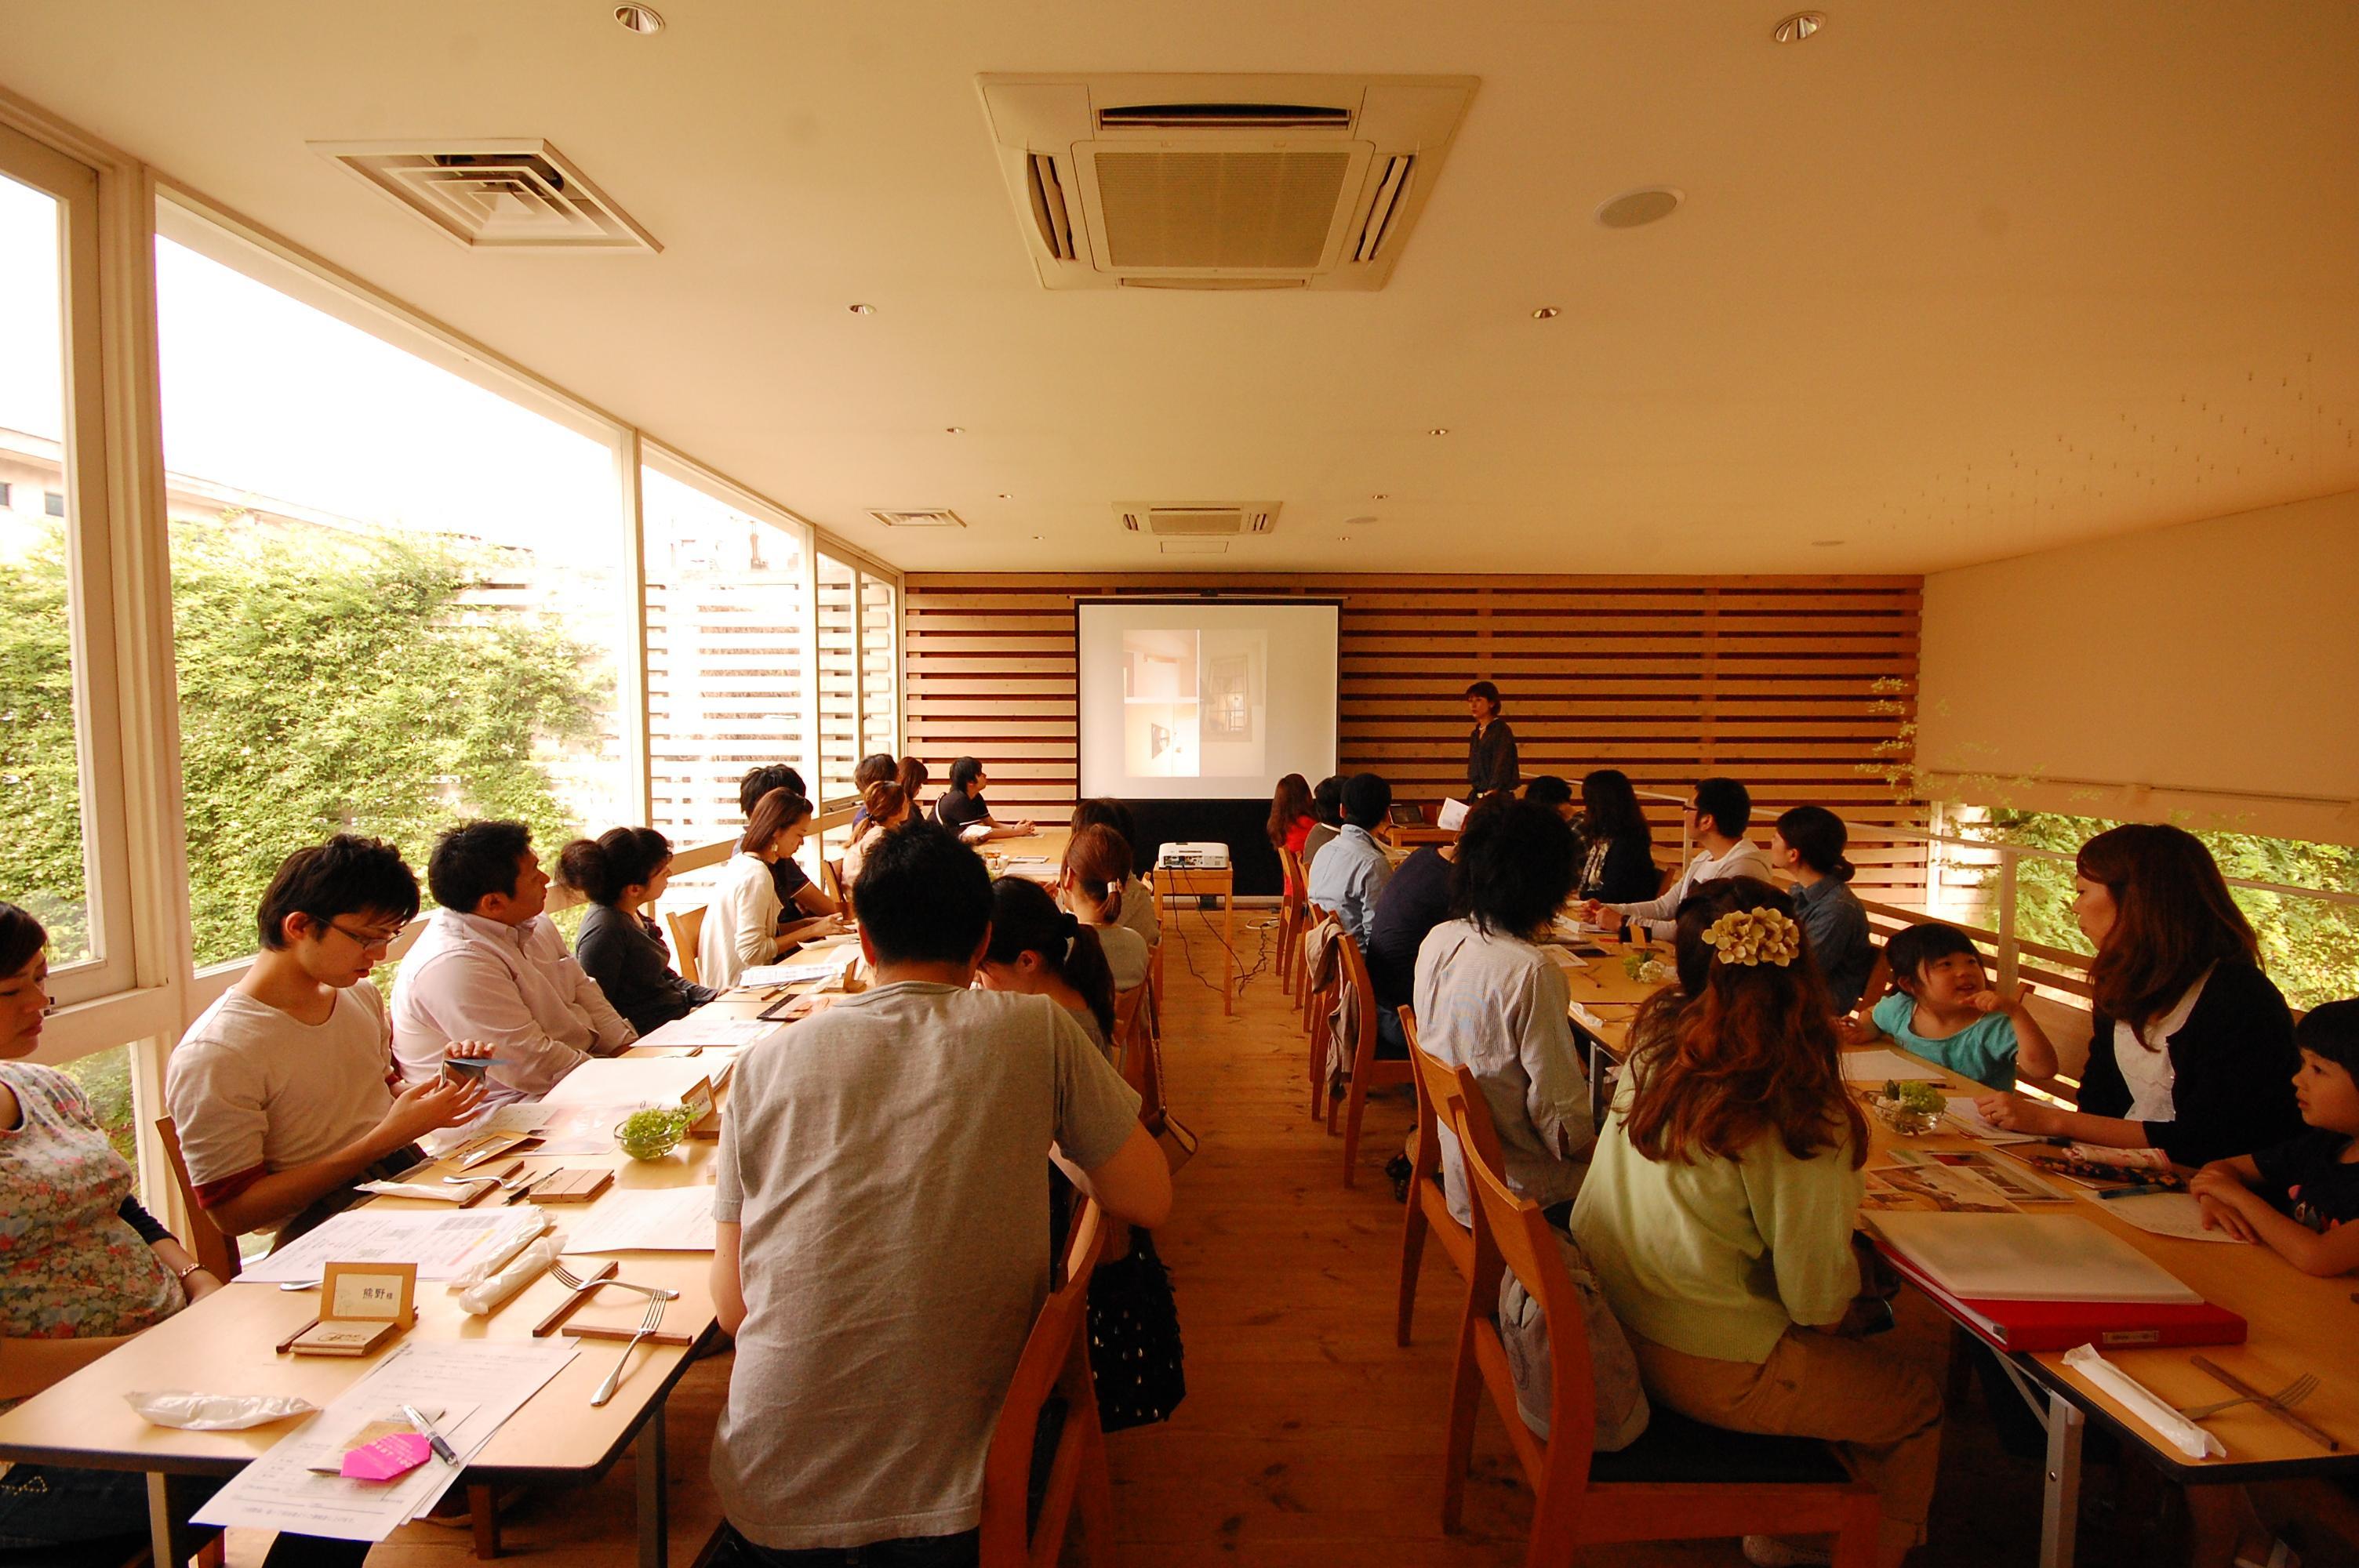 【神戸】みんなで聞こう!リノベーション勉強会 in 神戸三宮